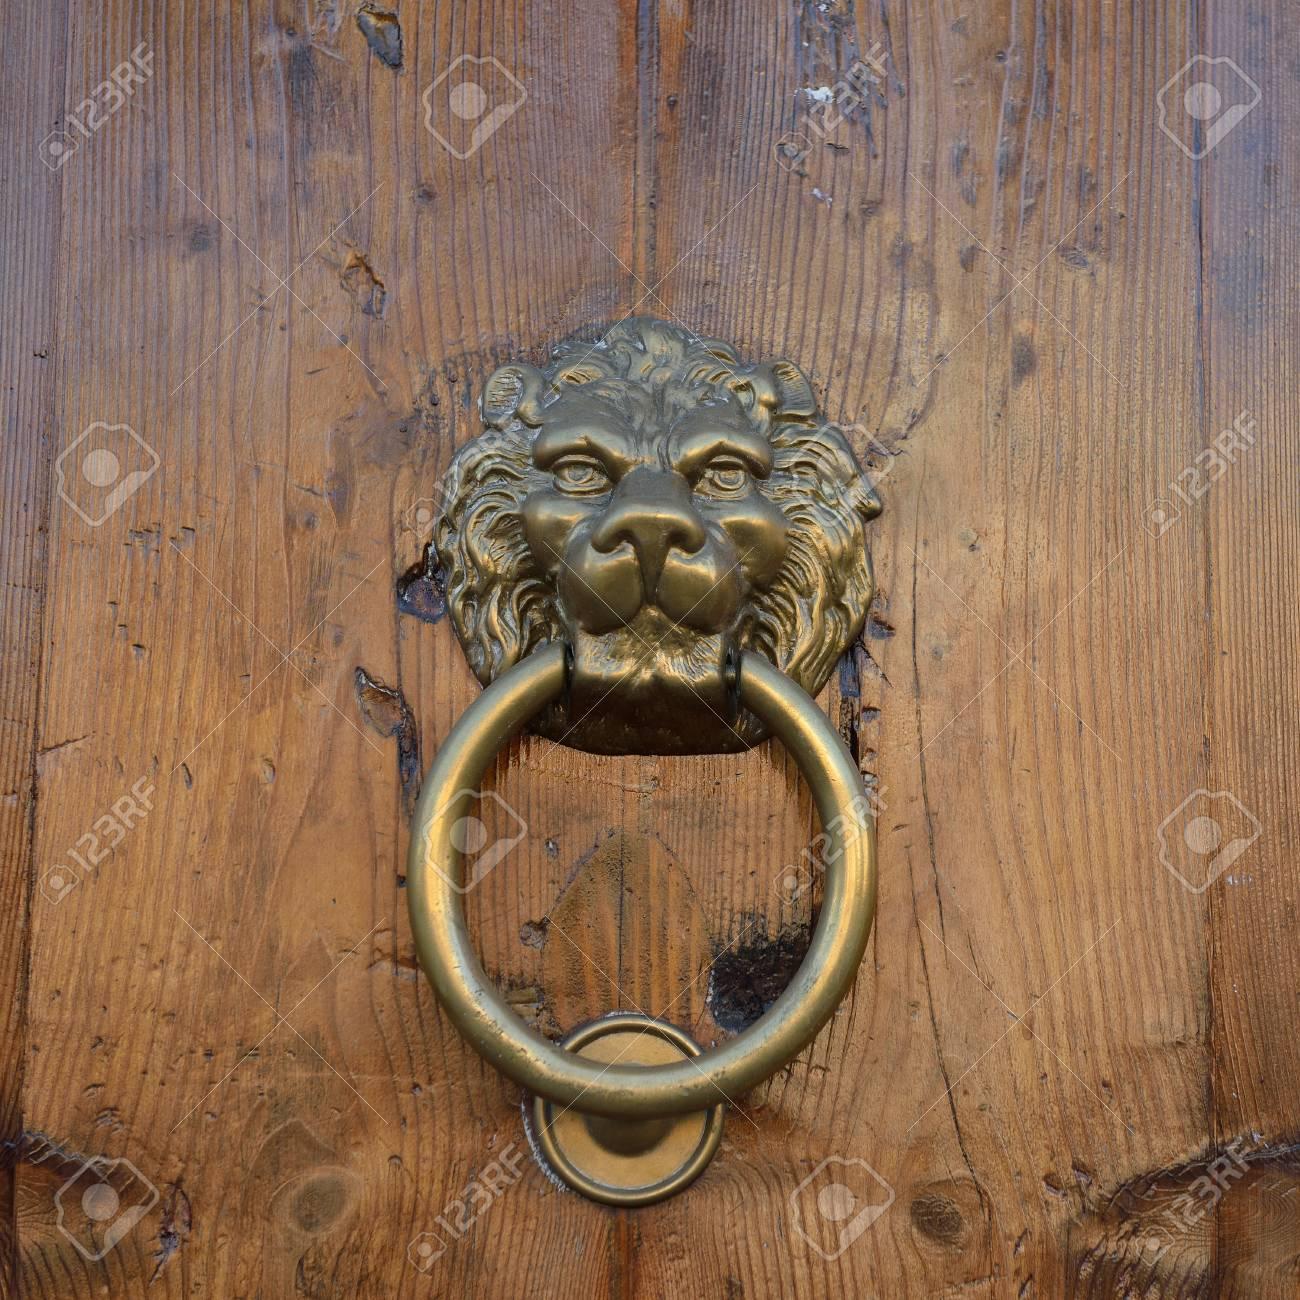 Antique Door Knob With Lionu0027s Head On Old Wooden Obsolete Door, Rome, Italy  Stock